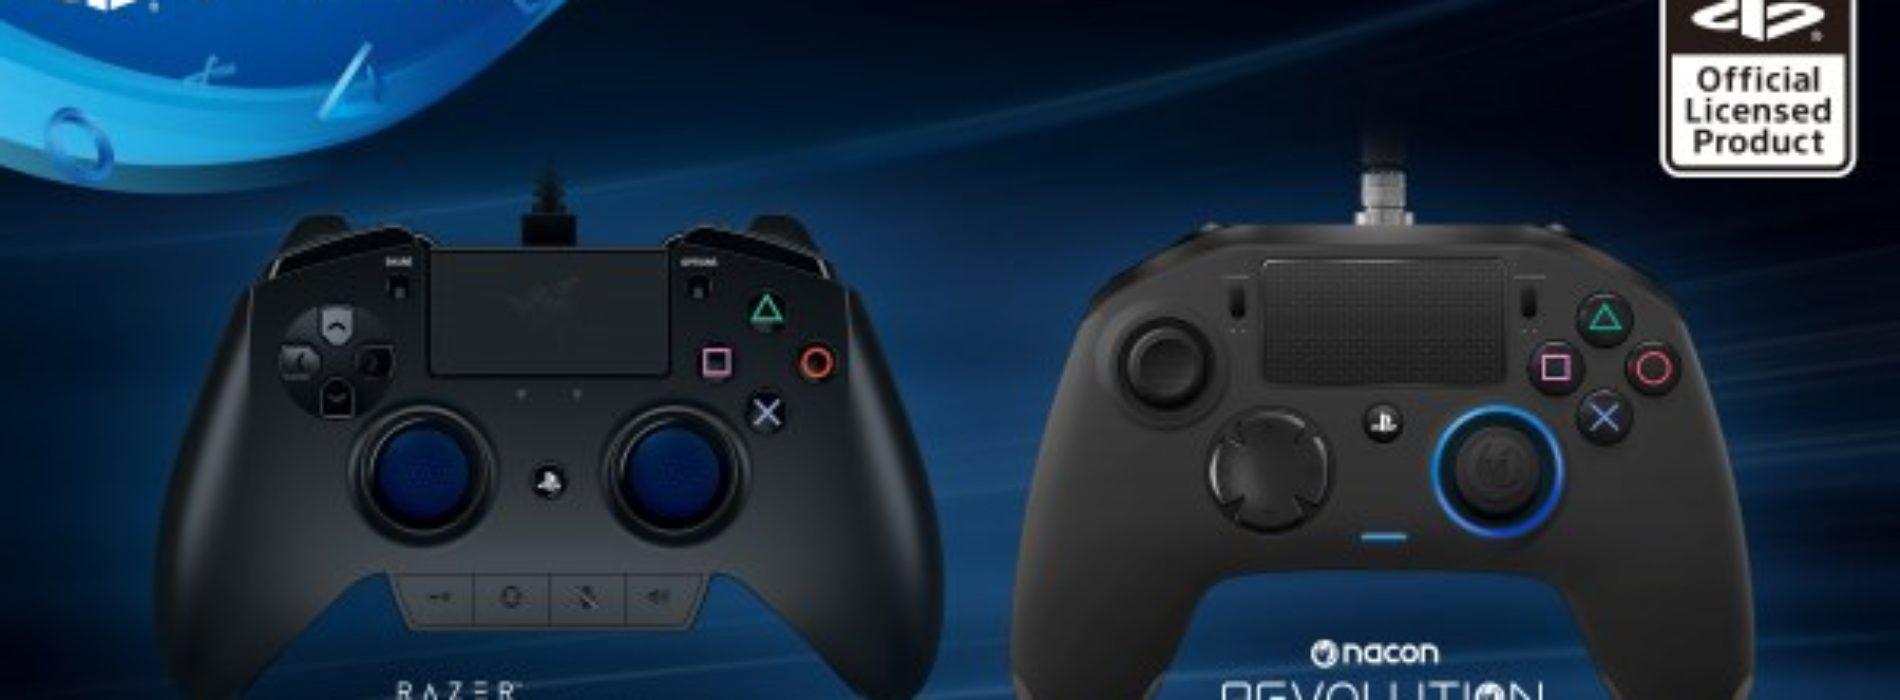 La PS4 tiene nuevo mandos y tienen similitudes con los de Xbox One